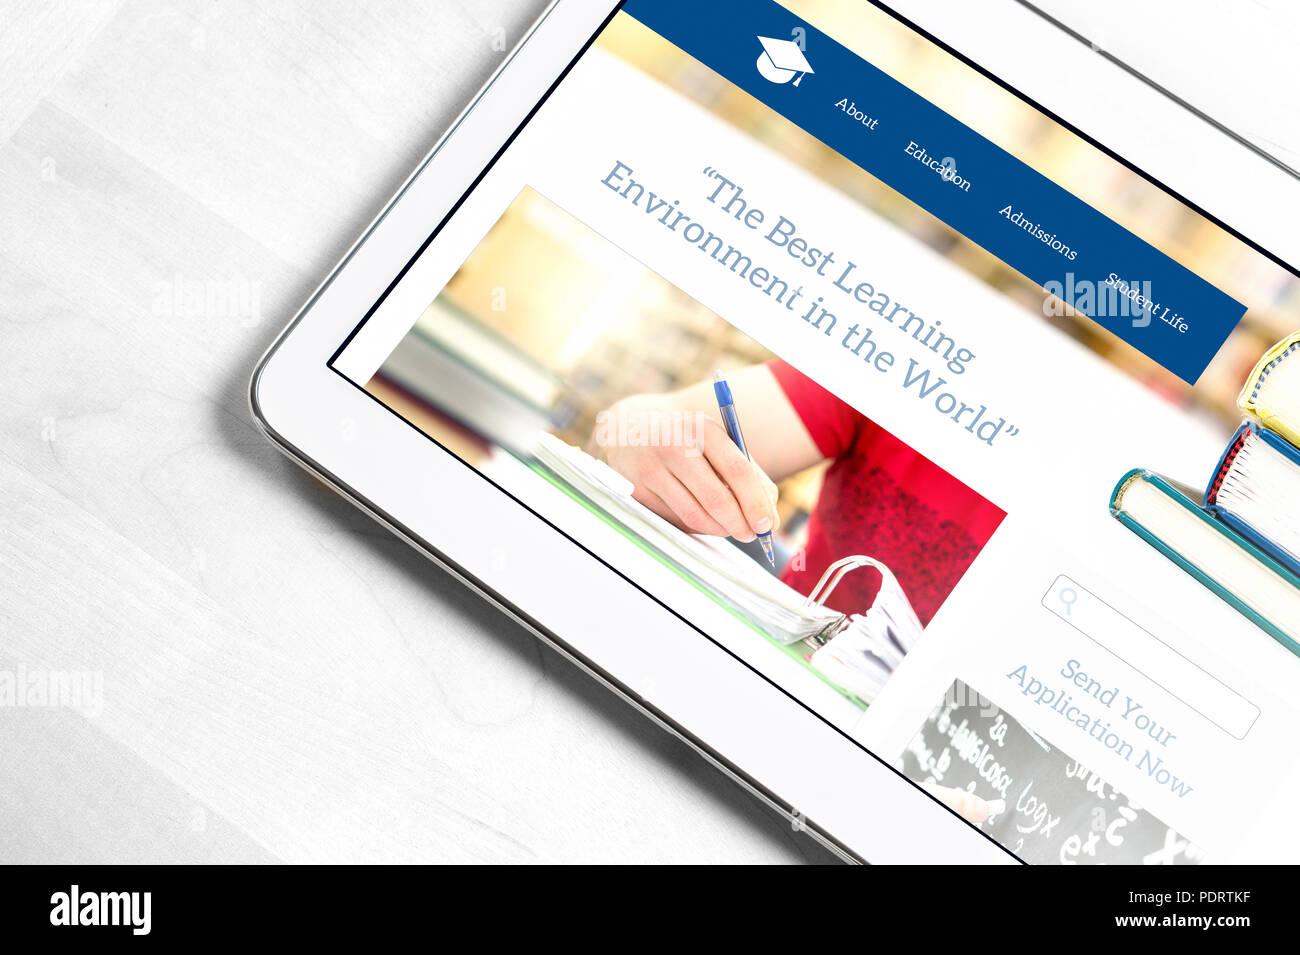 La escuela de diseño de página web en la pantalla de Tablet PC. Colegio de aplicación o aplicación por concepto de universidad. Búsqueda de información sobre la educación. Imagen De Stock